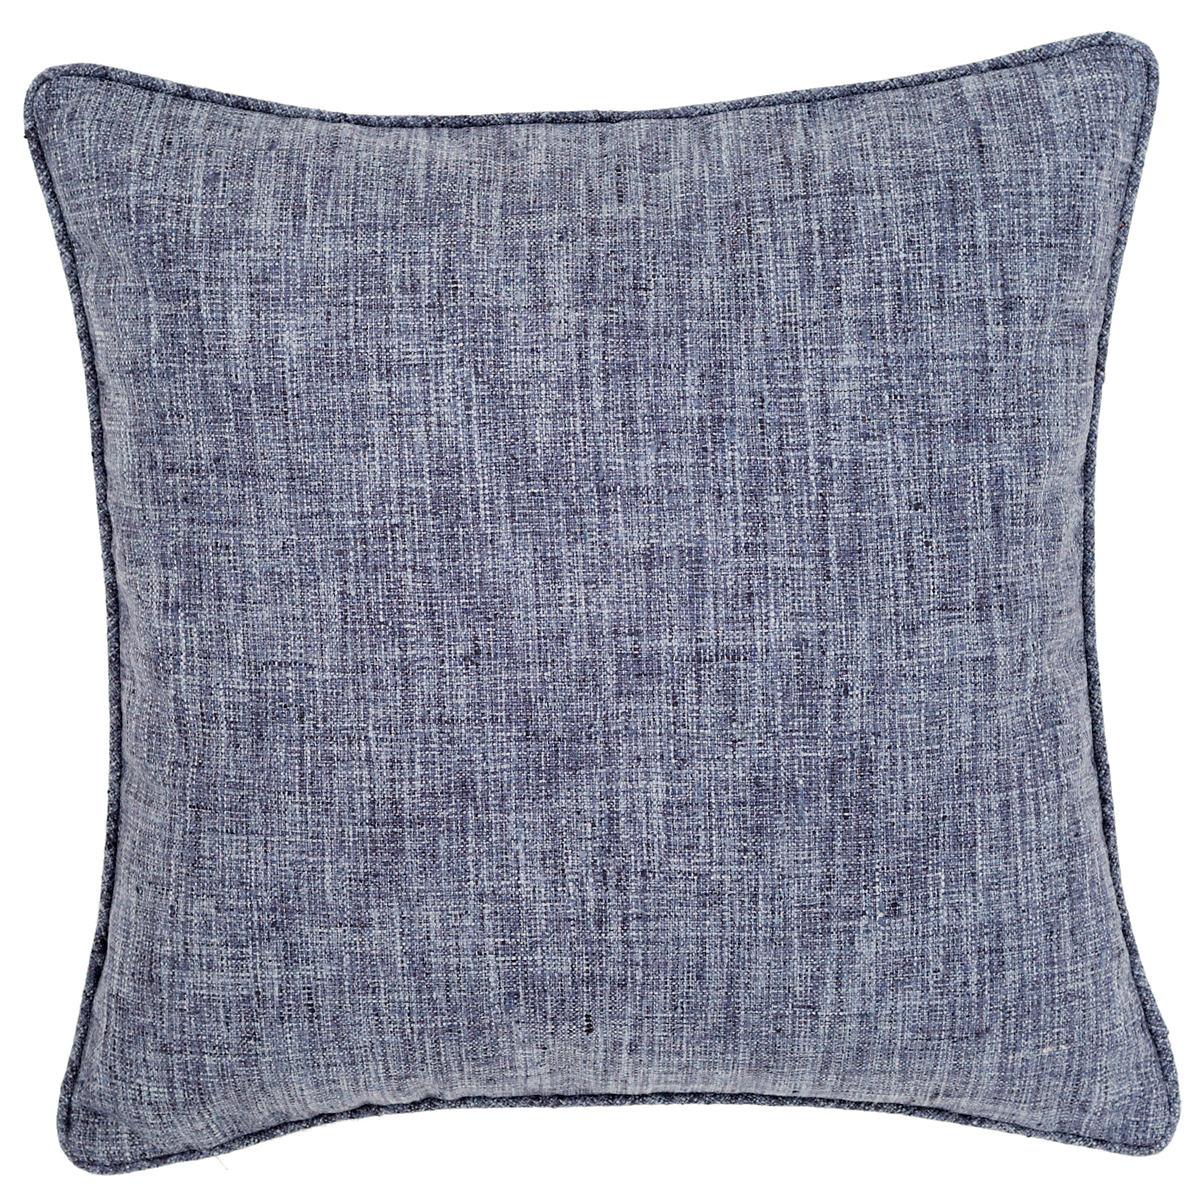 Greylock Navy Indoor/Outdoor Decorative Pillow